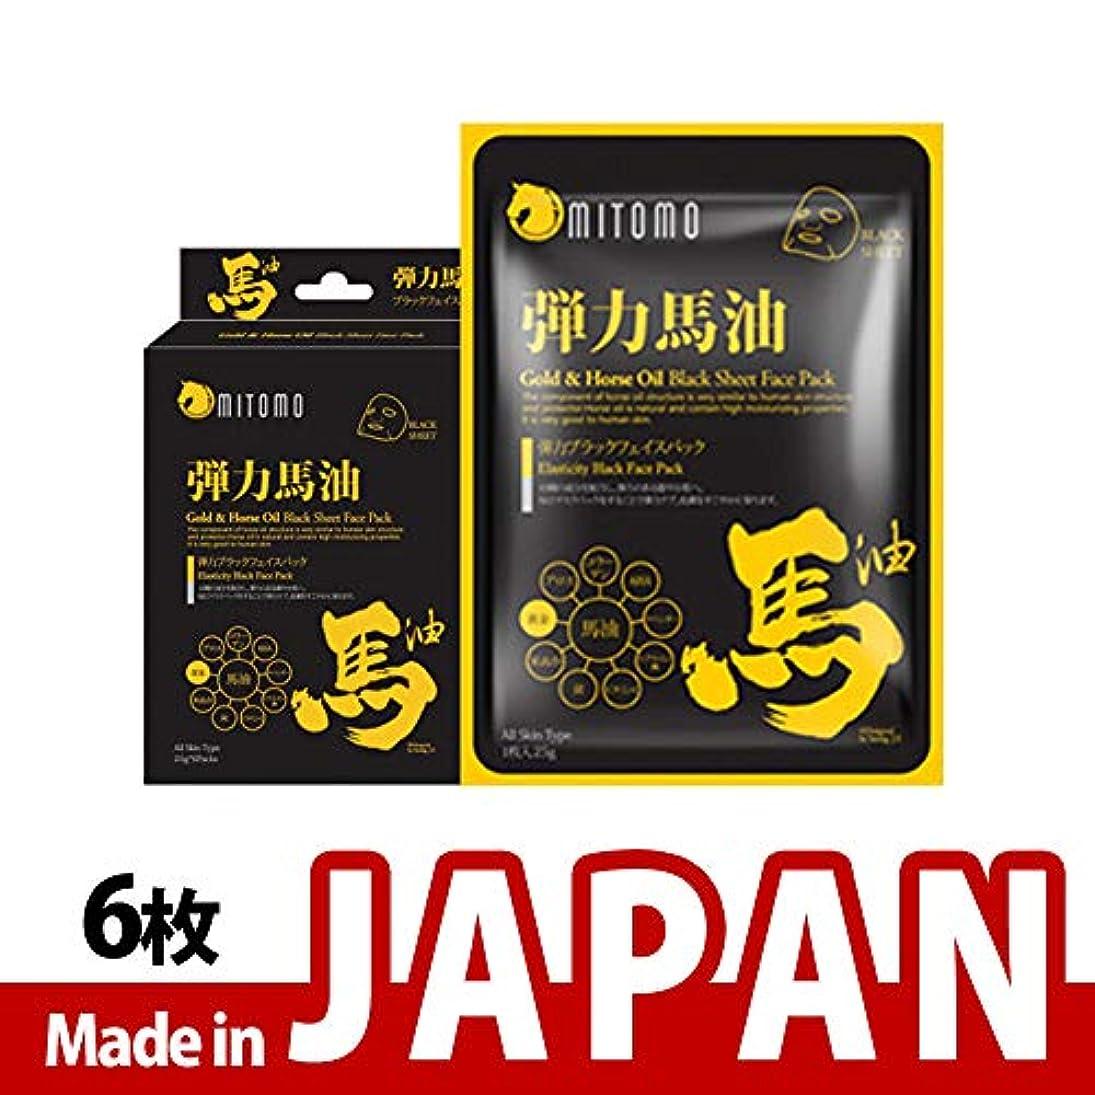 サンダルダンス電極MITOMO【MC740-A-0】日本製弾力ブラックフェイスパック /6枚入り/6枚/美容液/マスクパック/送料無料